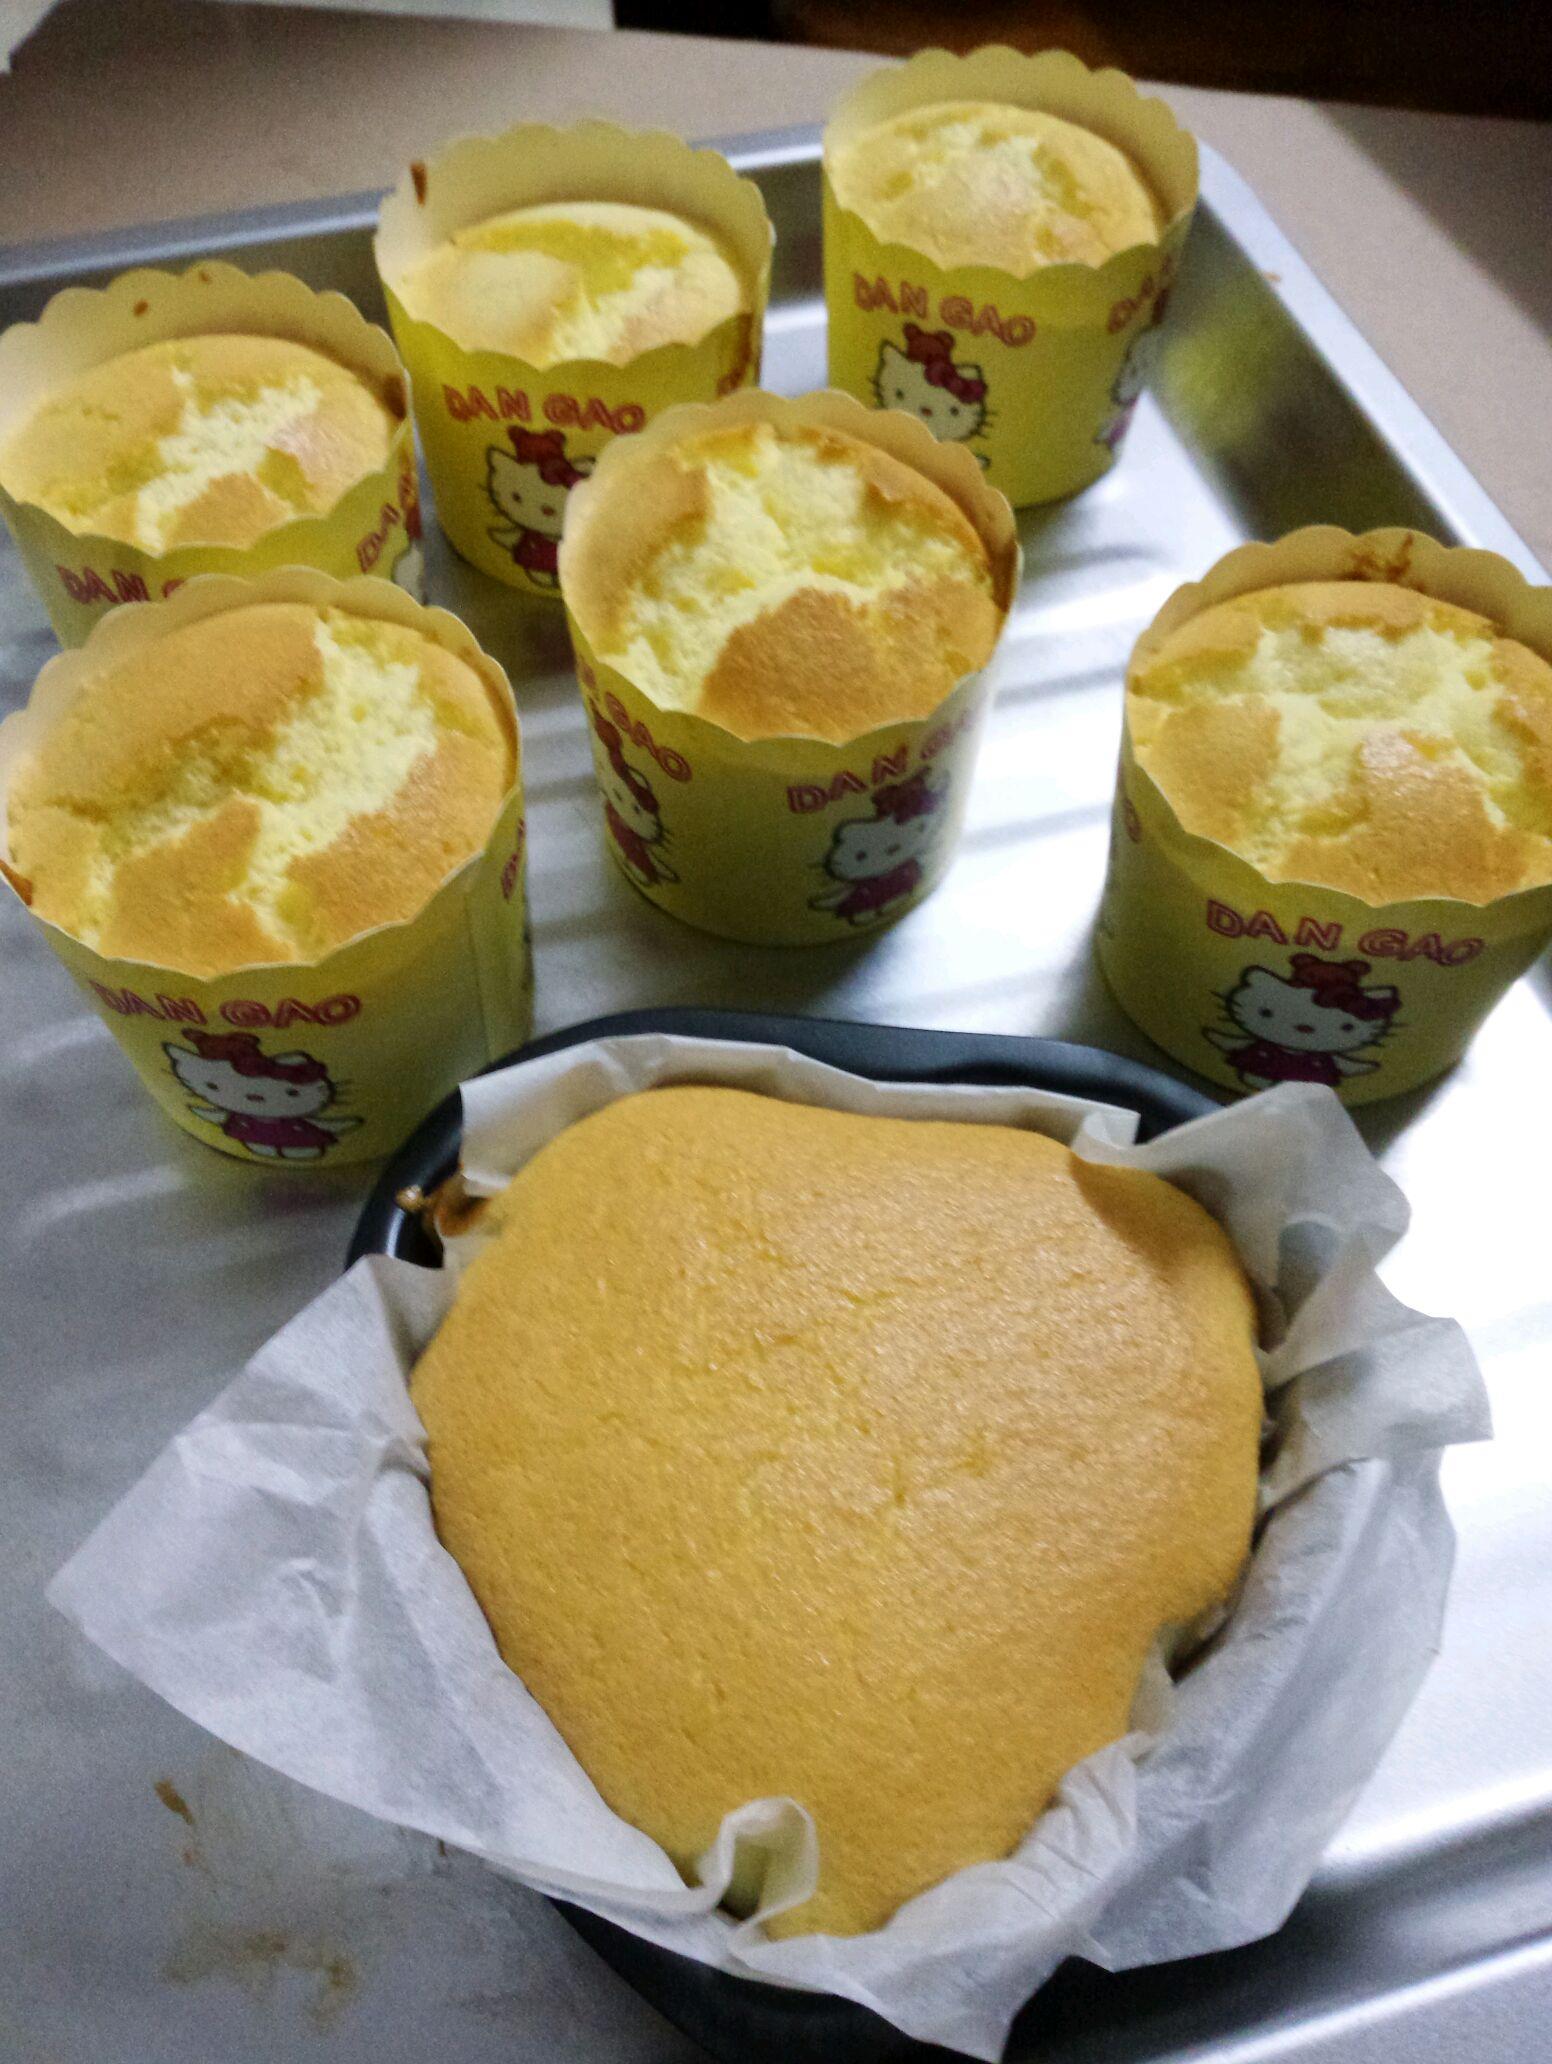 海绵小蛋糕的做法_【图解】海绵小蛋糕怎么做如何做